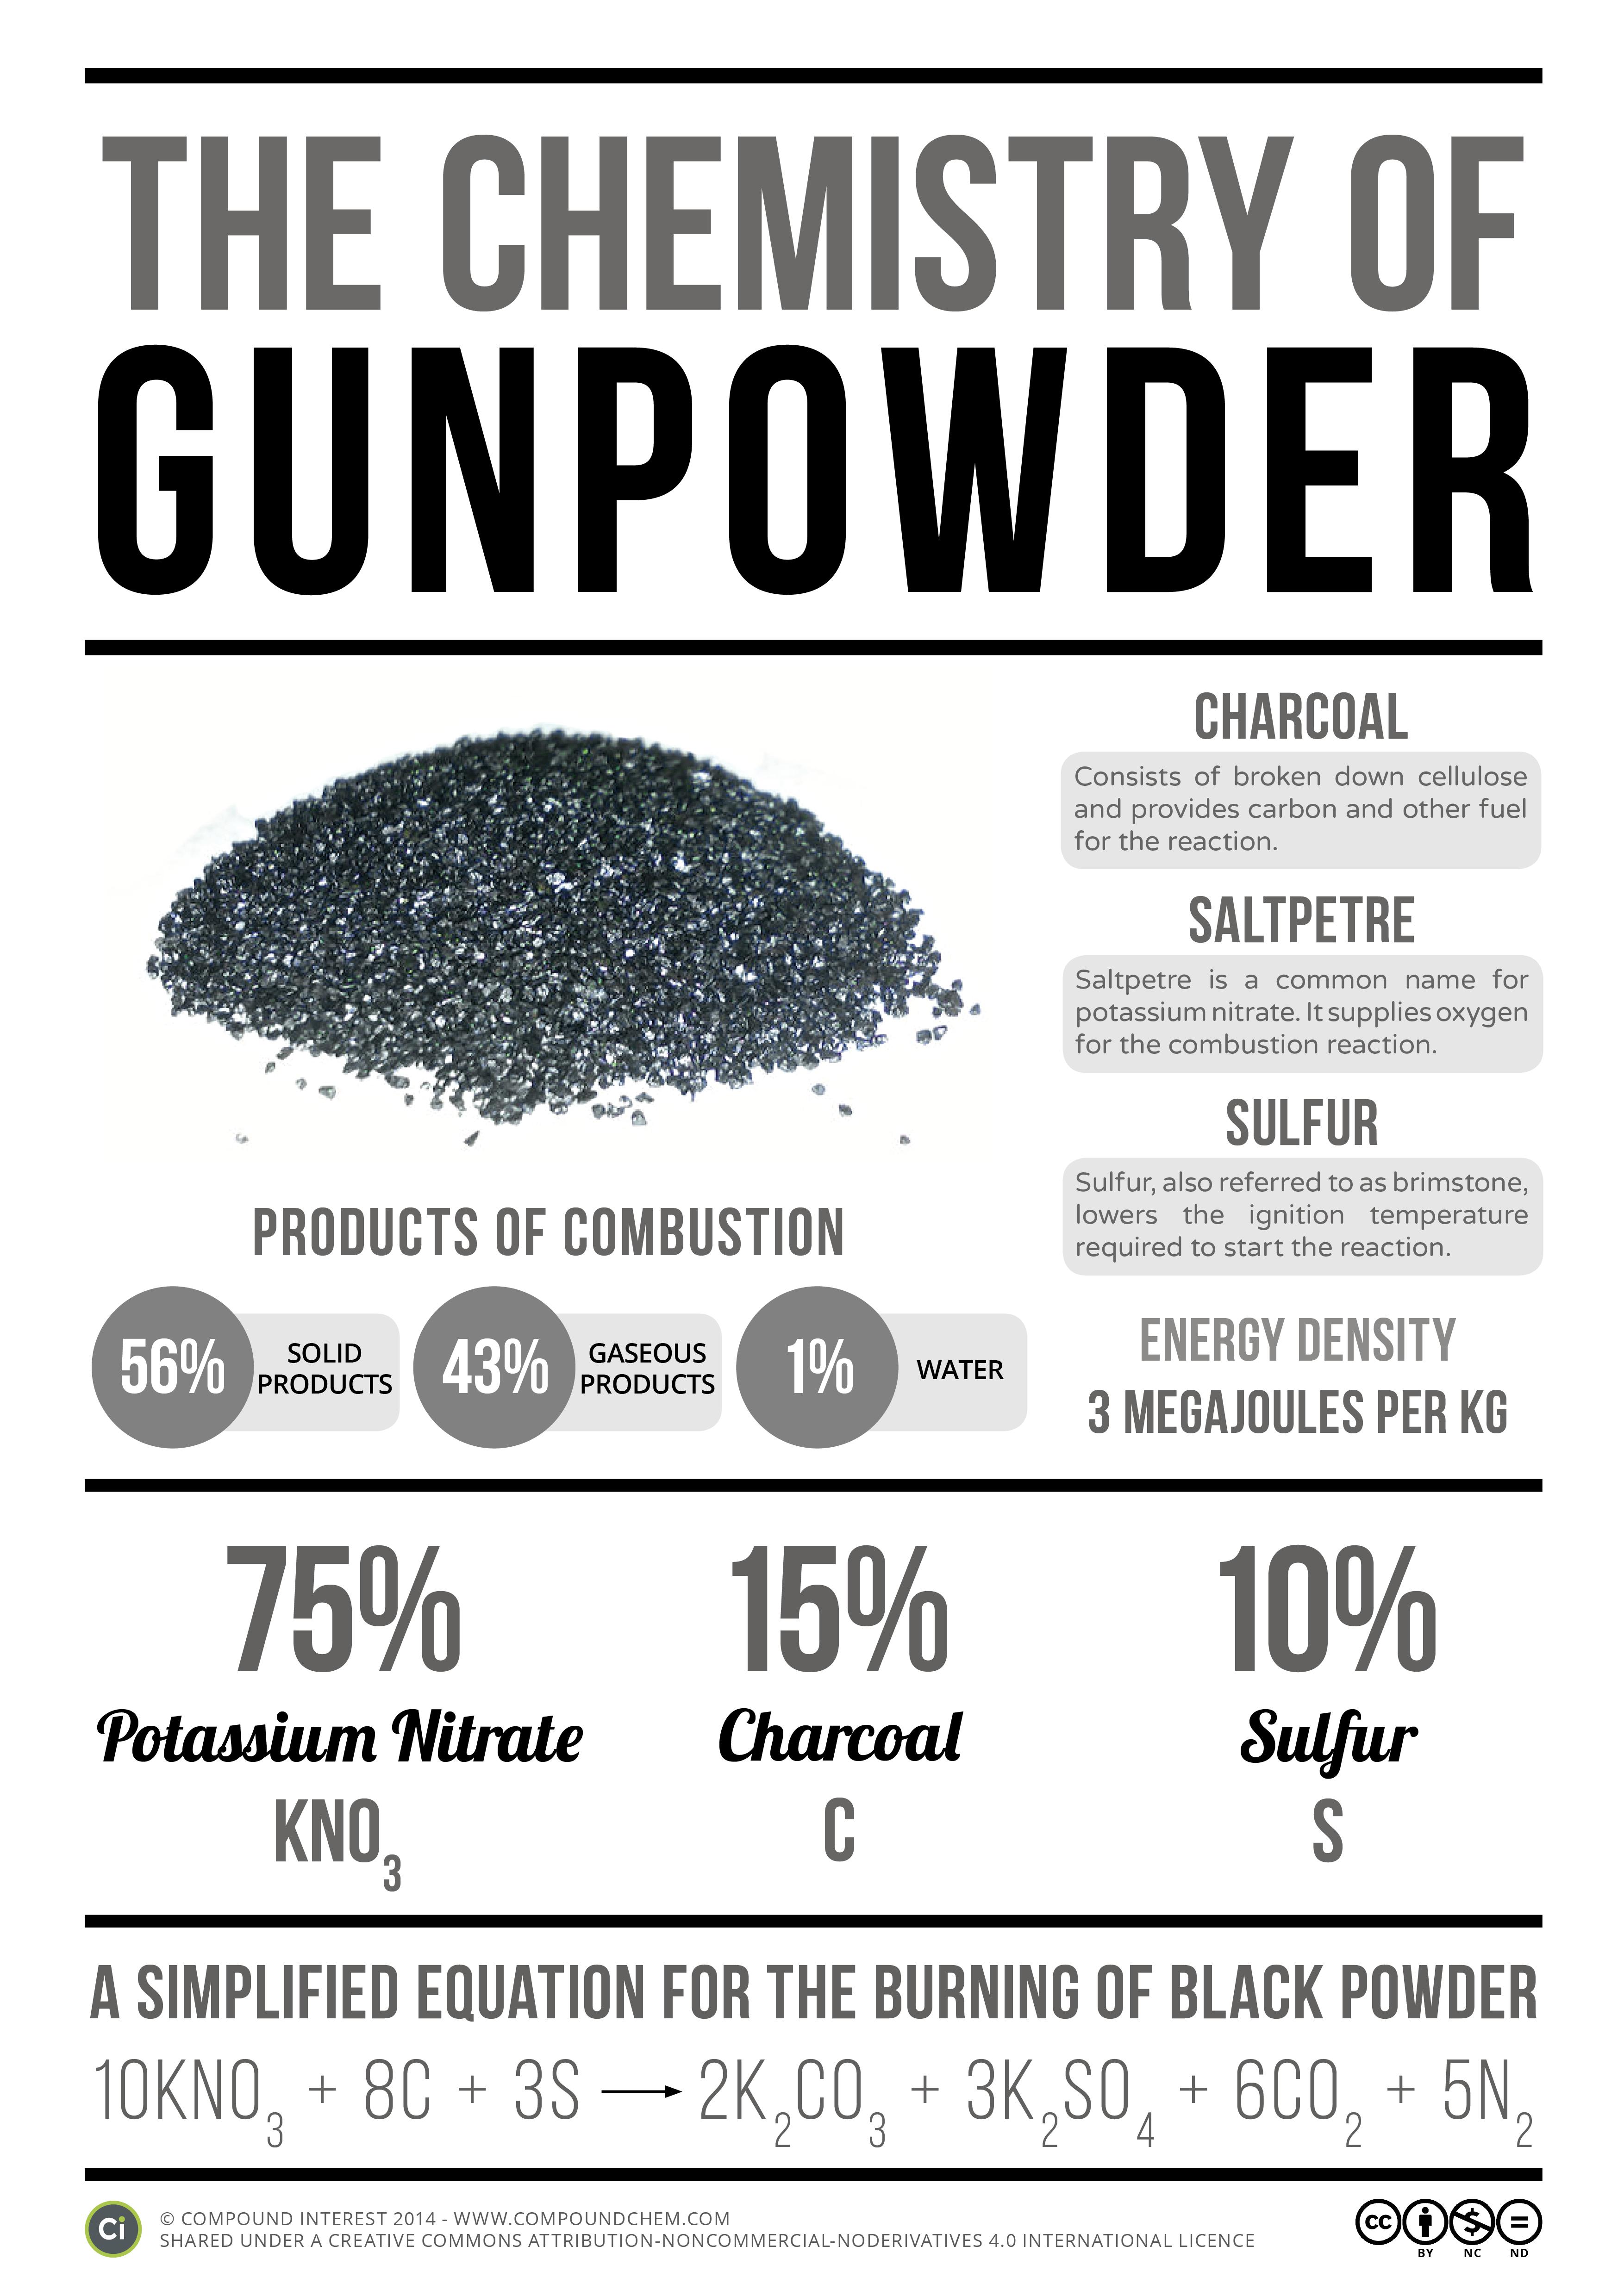 Chemistry of Gunpowder v3